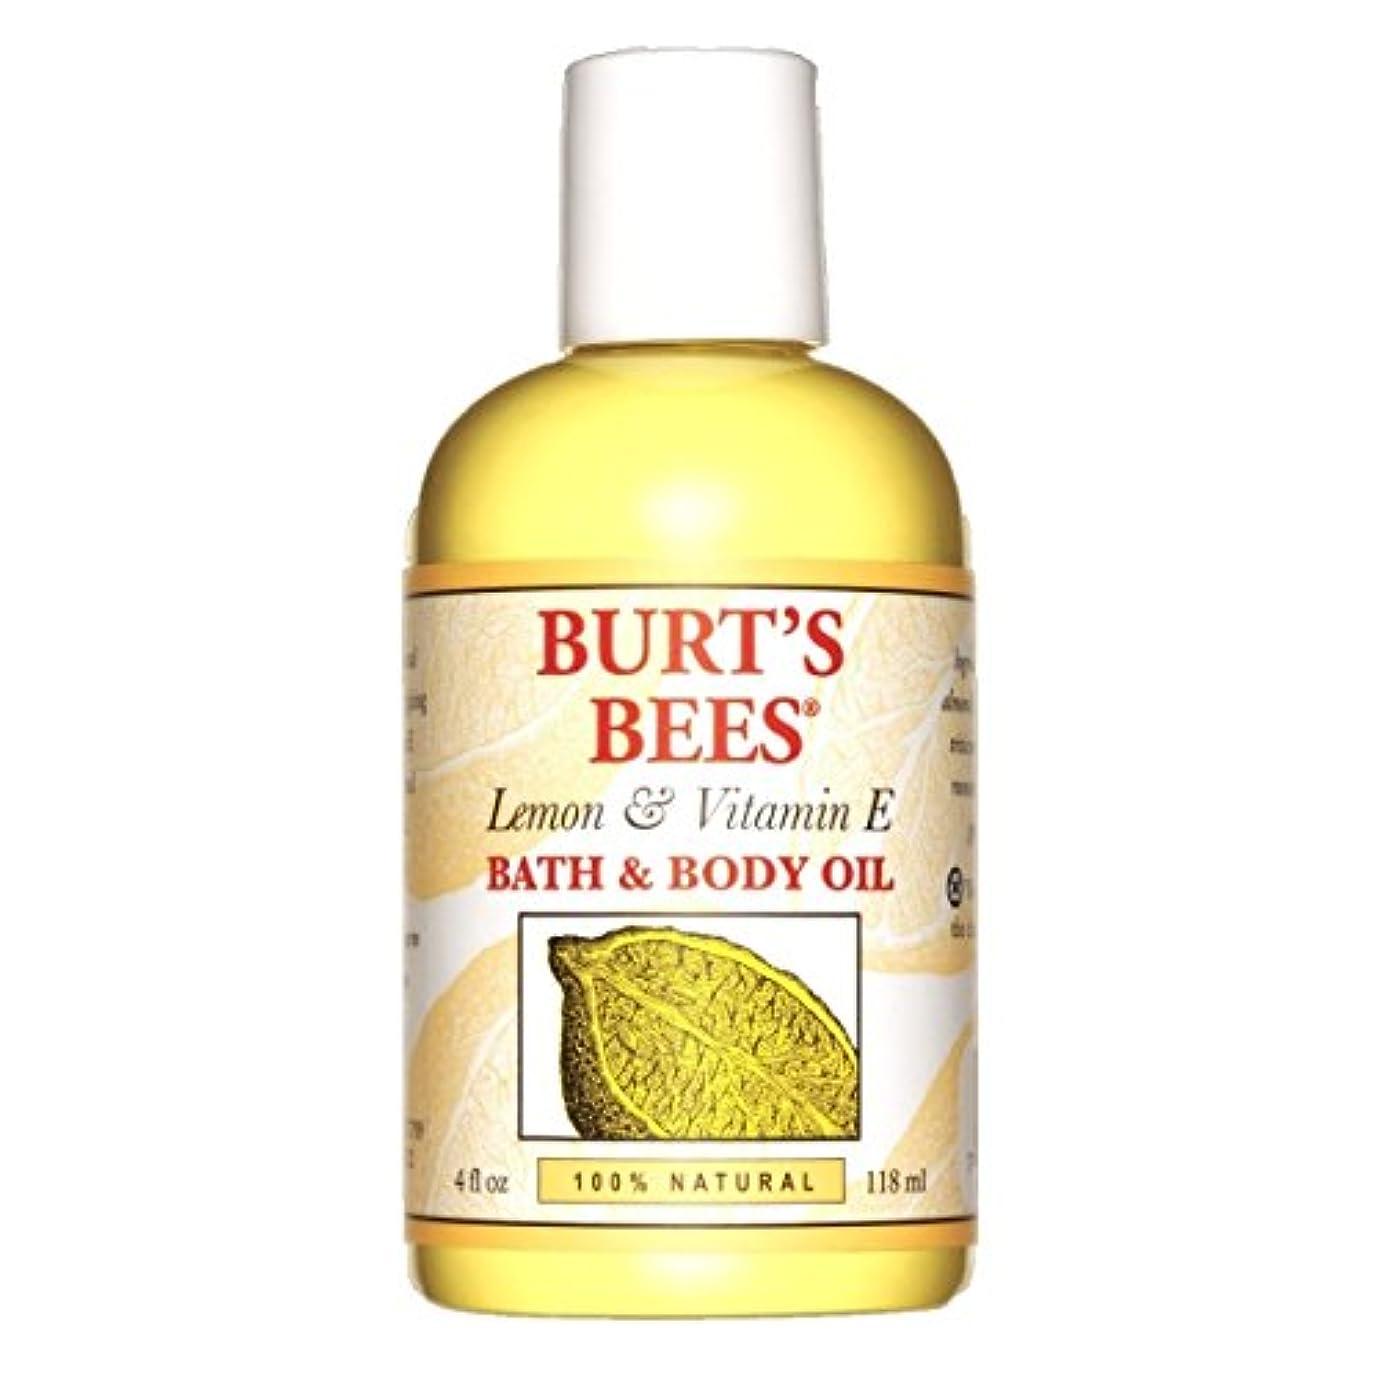 国世紀減らすバーツビーズ(Burt's Bees) レモン&ビタミンE バスアンドボディオイル 118ml [海外直送品][並行輸入品]